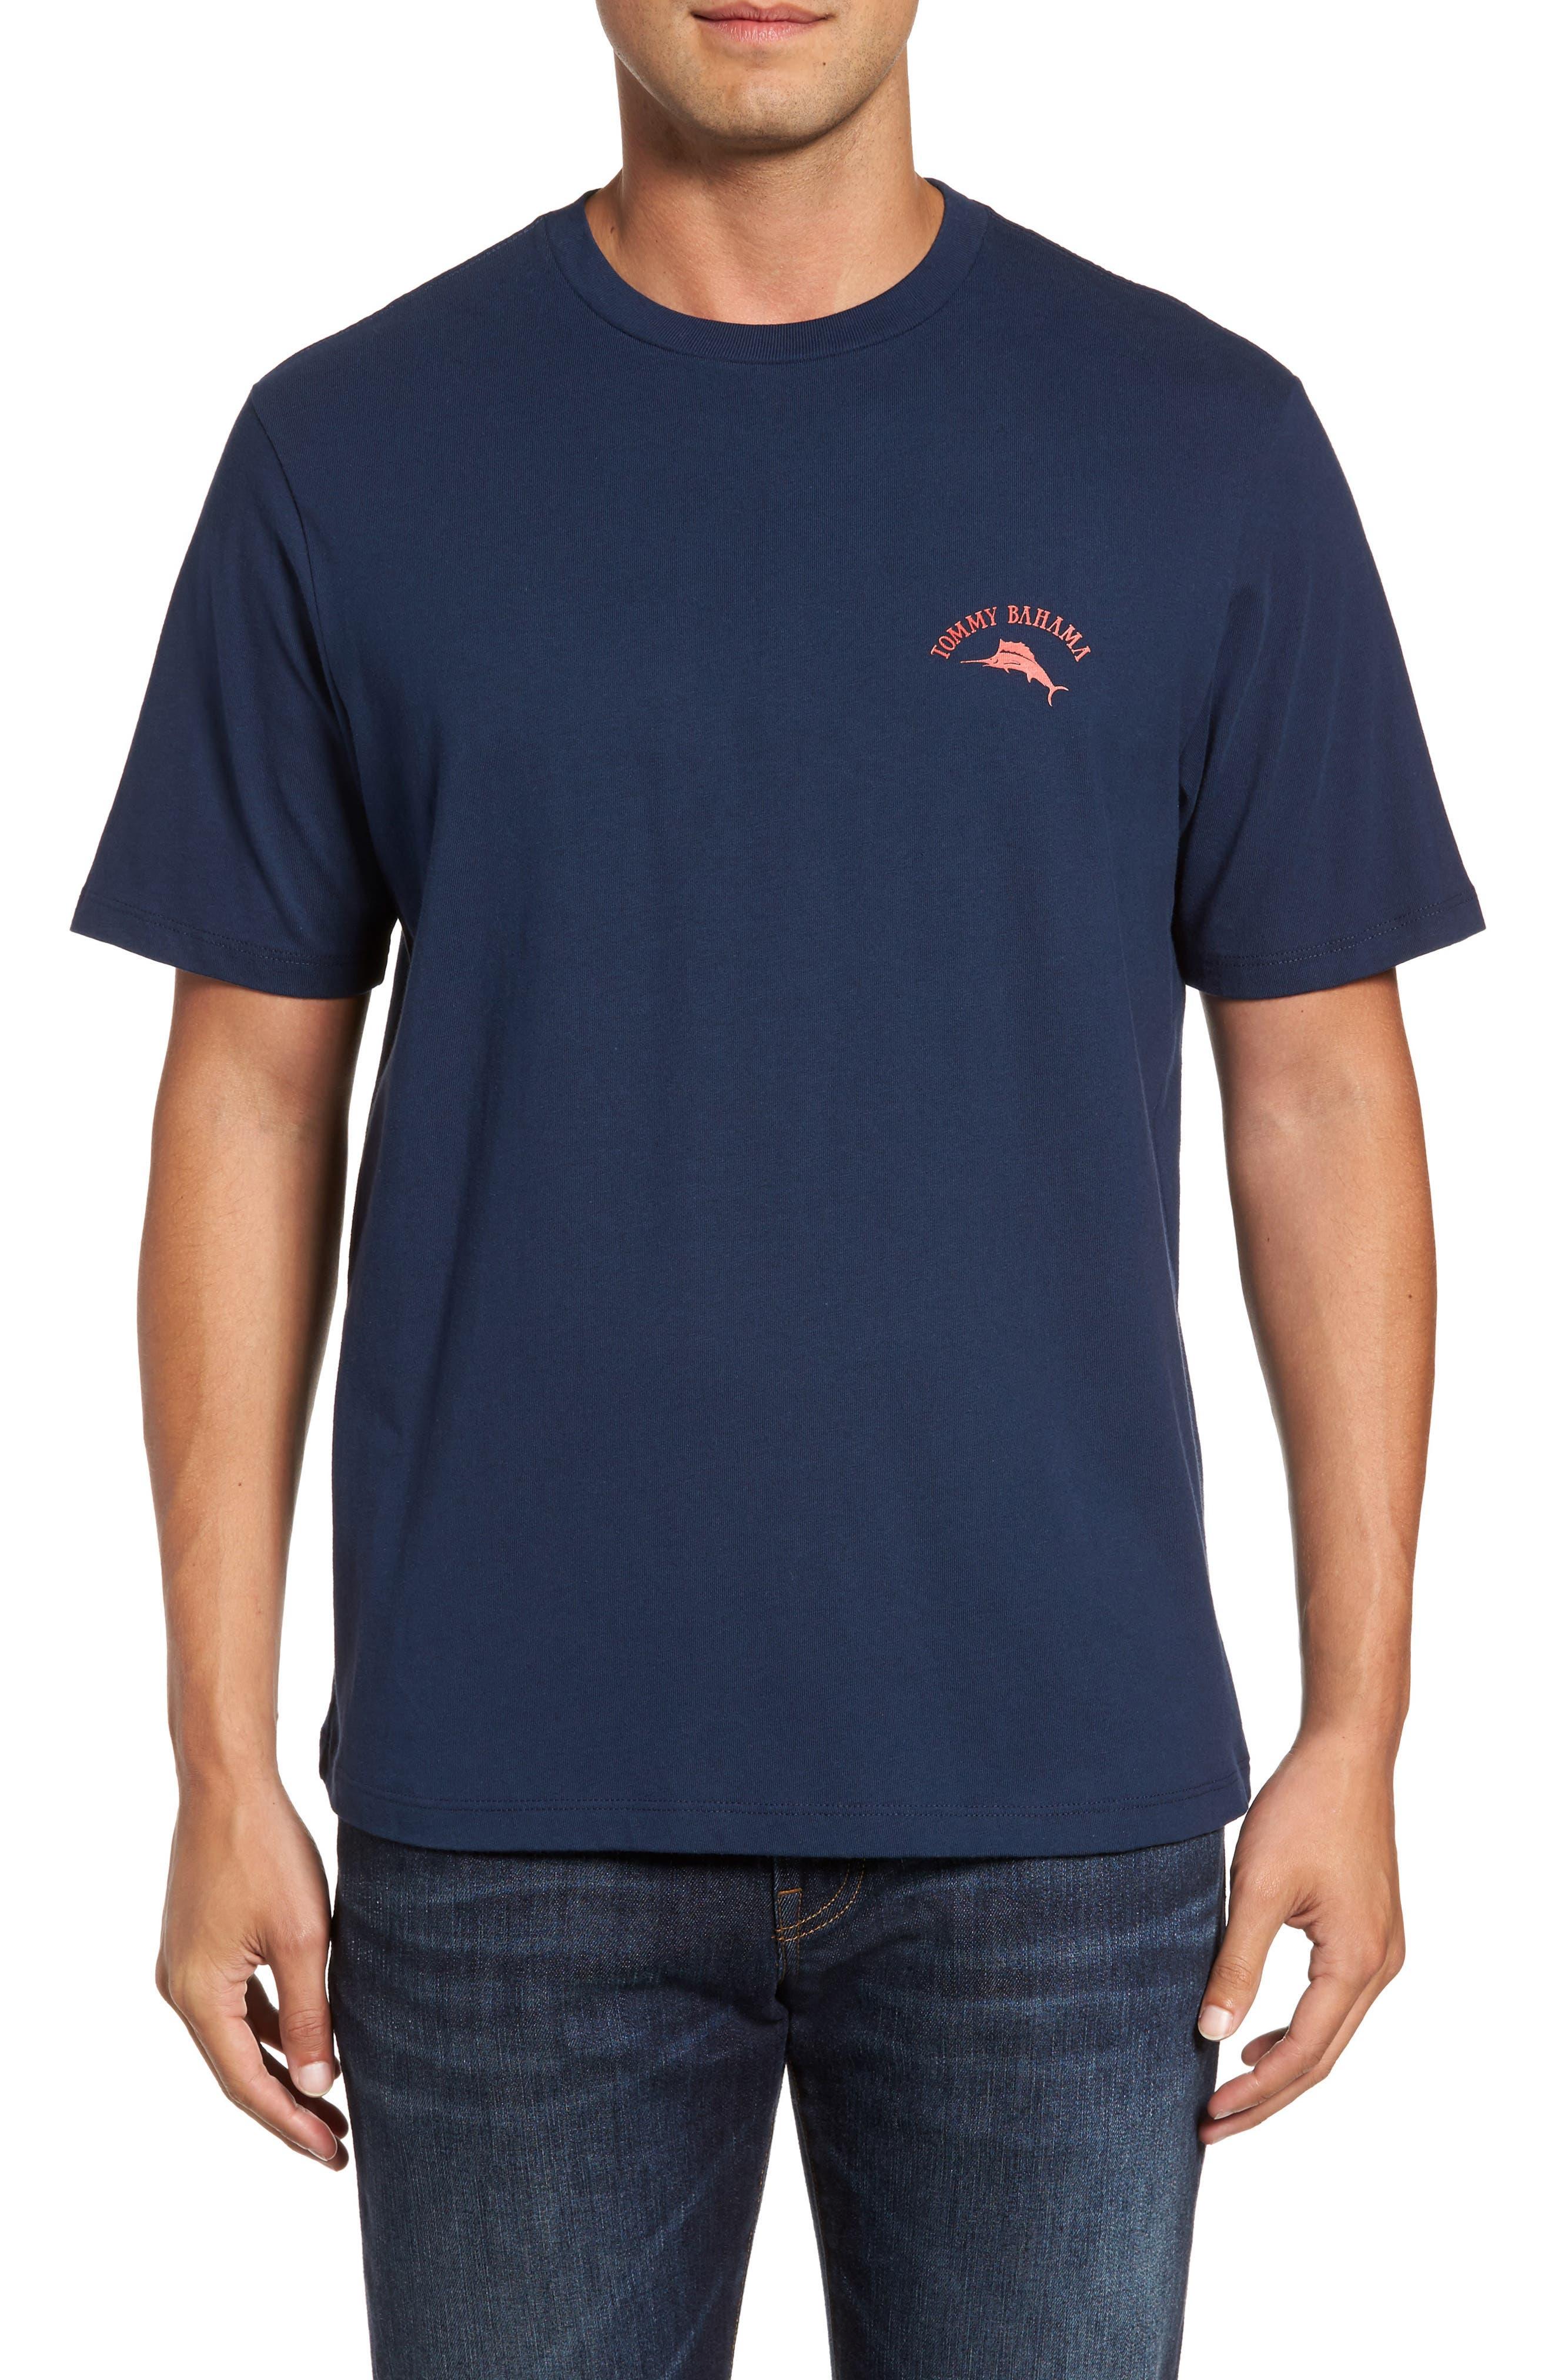 Big Boats Standard Fit T-Shirt,                         Main,                         color, 401